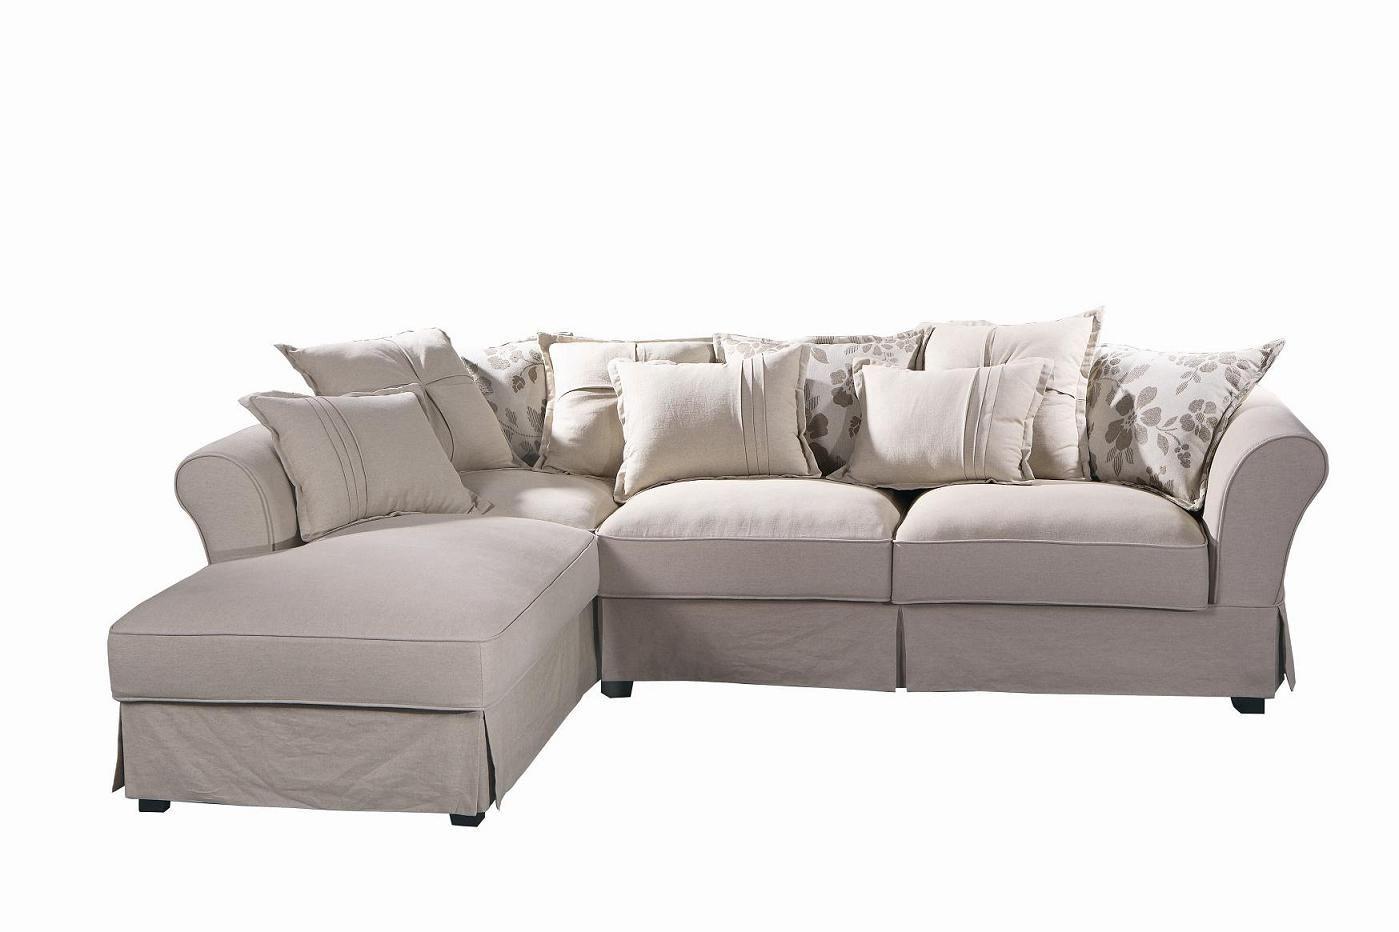 Linen Sofas Fabric Sectional Sofa Rl2026 China Sofa Fabric Sofa Affordable Couch Small Sectional Sofa Affordable Sofa